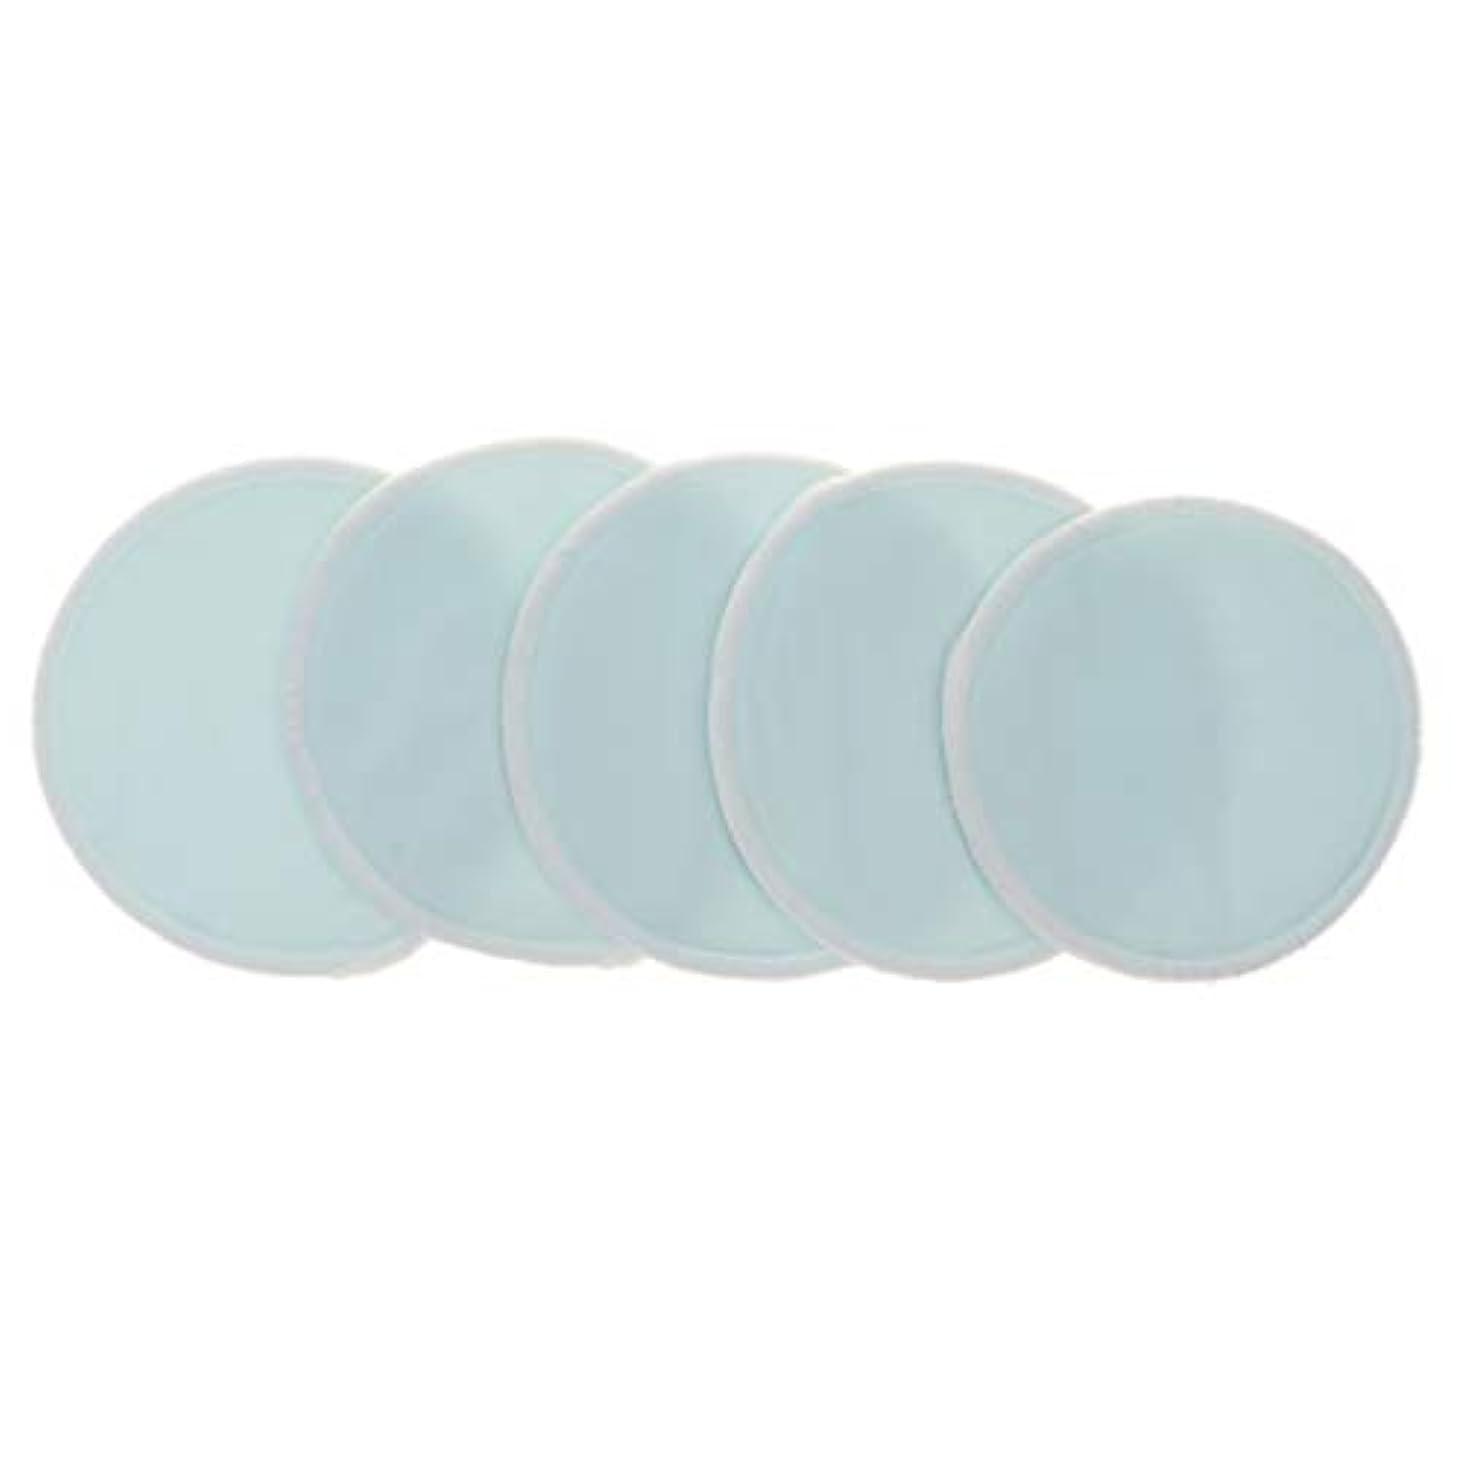 基本的なグロー送料全5色 胸パッド クレンジングシート メイクアップ 竹繊維 12cm 洗える 再使用可 実用的 5個入 - 青